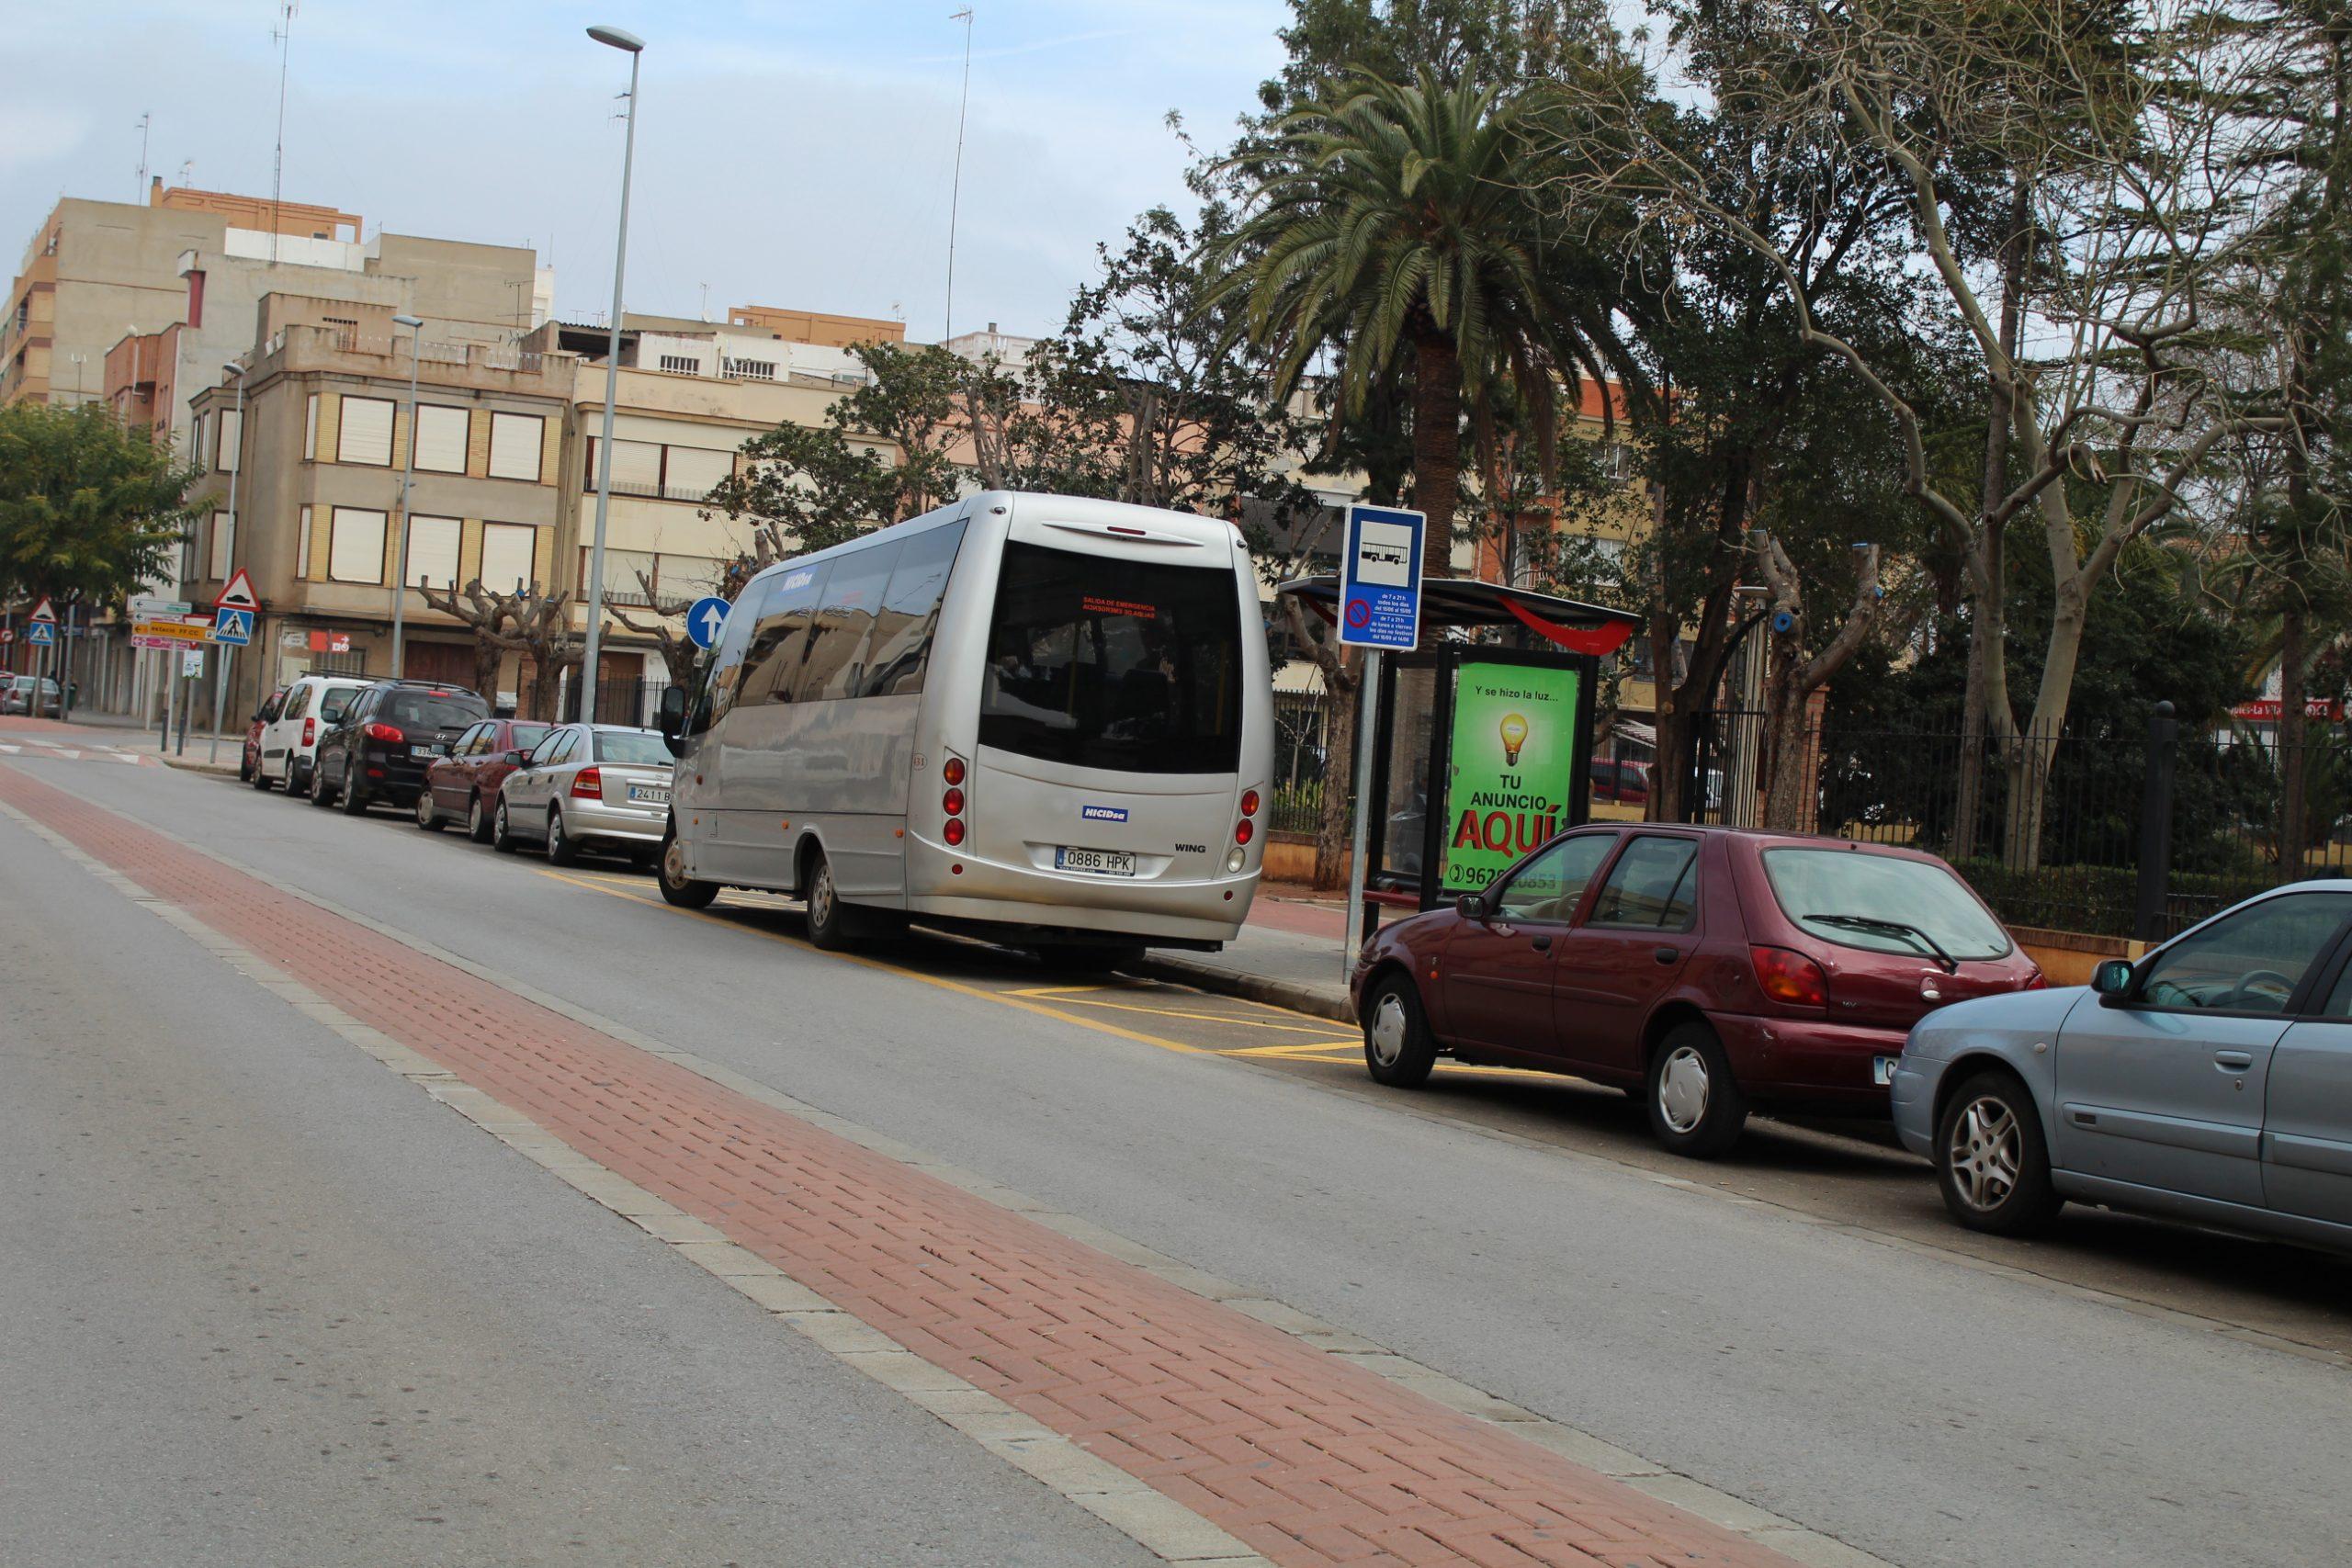 Nules conmemora el miércoles el 'Día Europea sin coche' con la gratuidad del bus urbano